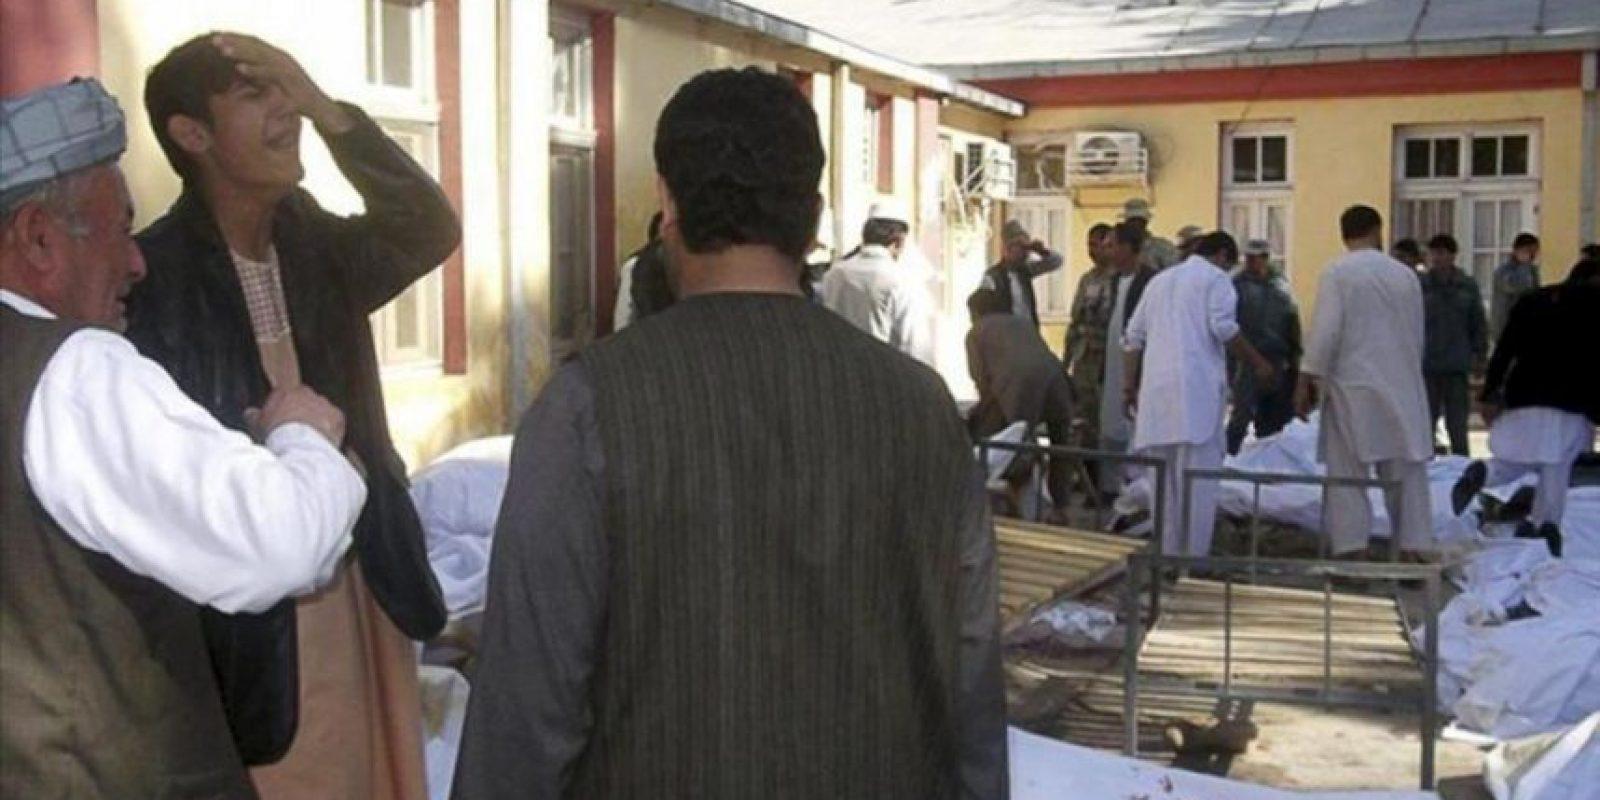 Familiares lloran junto a los cadáveres de las víctimas de un atentado suicida en Maymana, en la provincia afgana de Faryab, hoy, viernes 26 de octubre. EFE